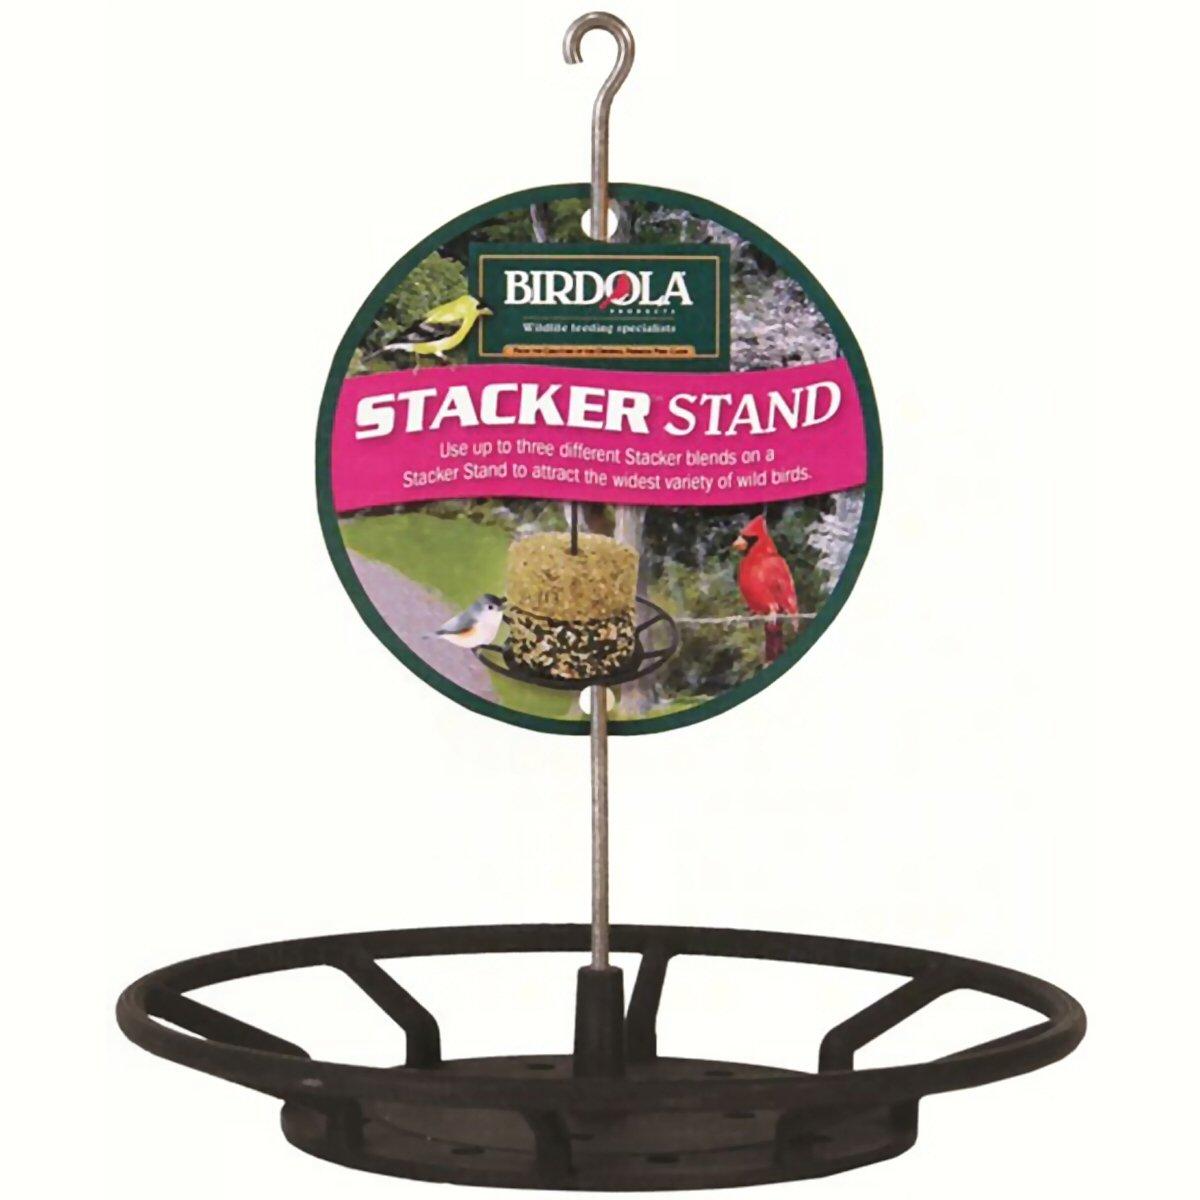 Stacker Stand Seed Cake Feeder   Wild bird feeders, Bird seed, Bird stand